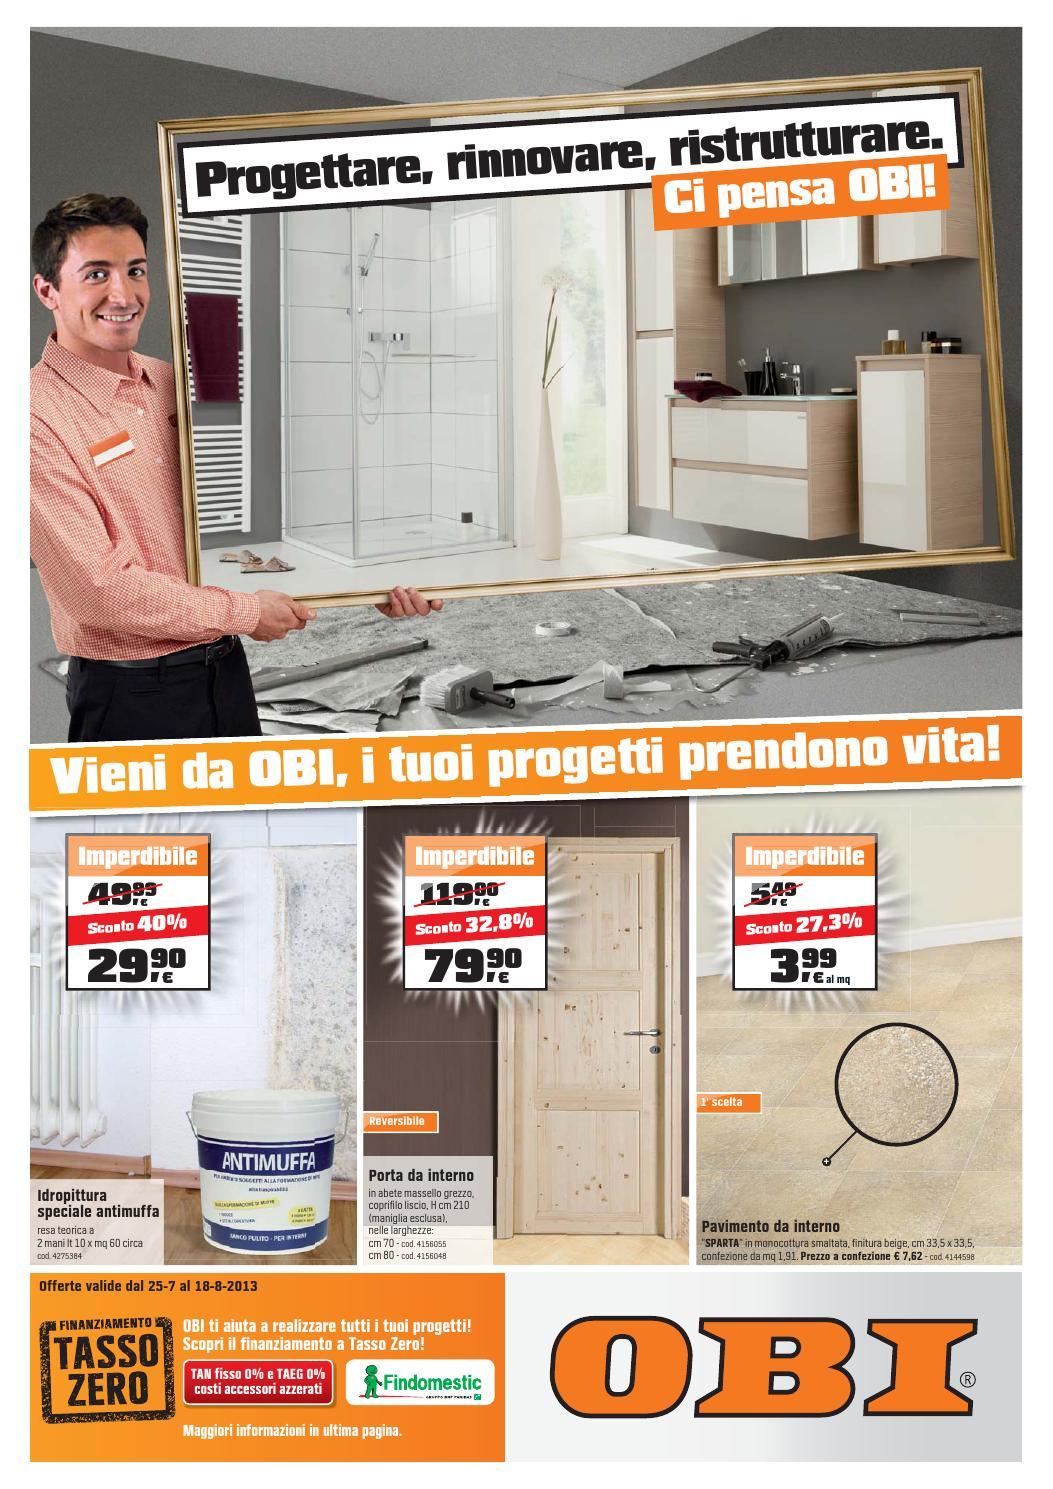 Obi volantino 25luglio 18agosto2013 by CatalogoPromozioni.com - issuu